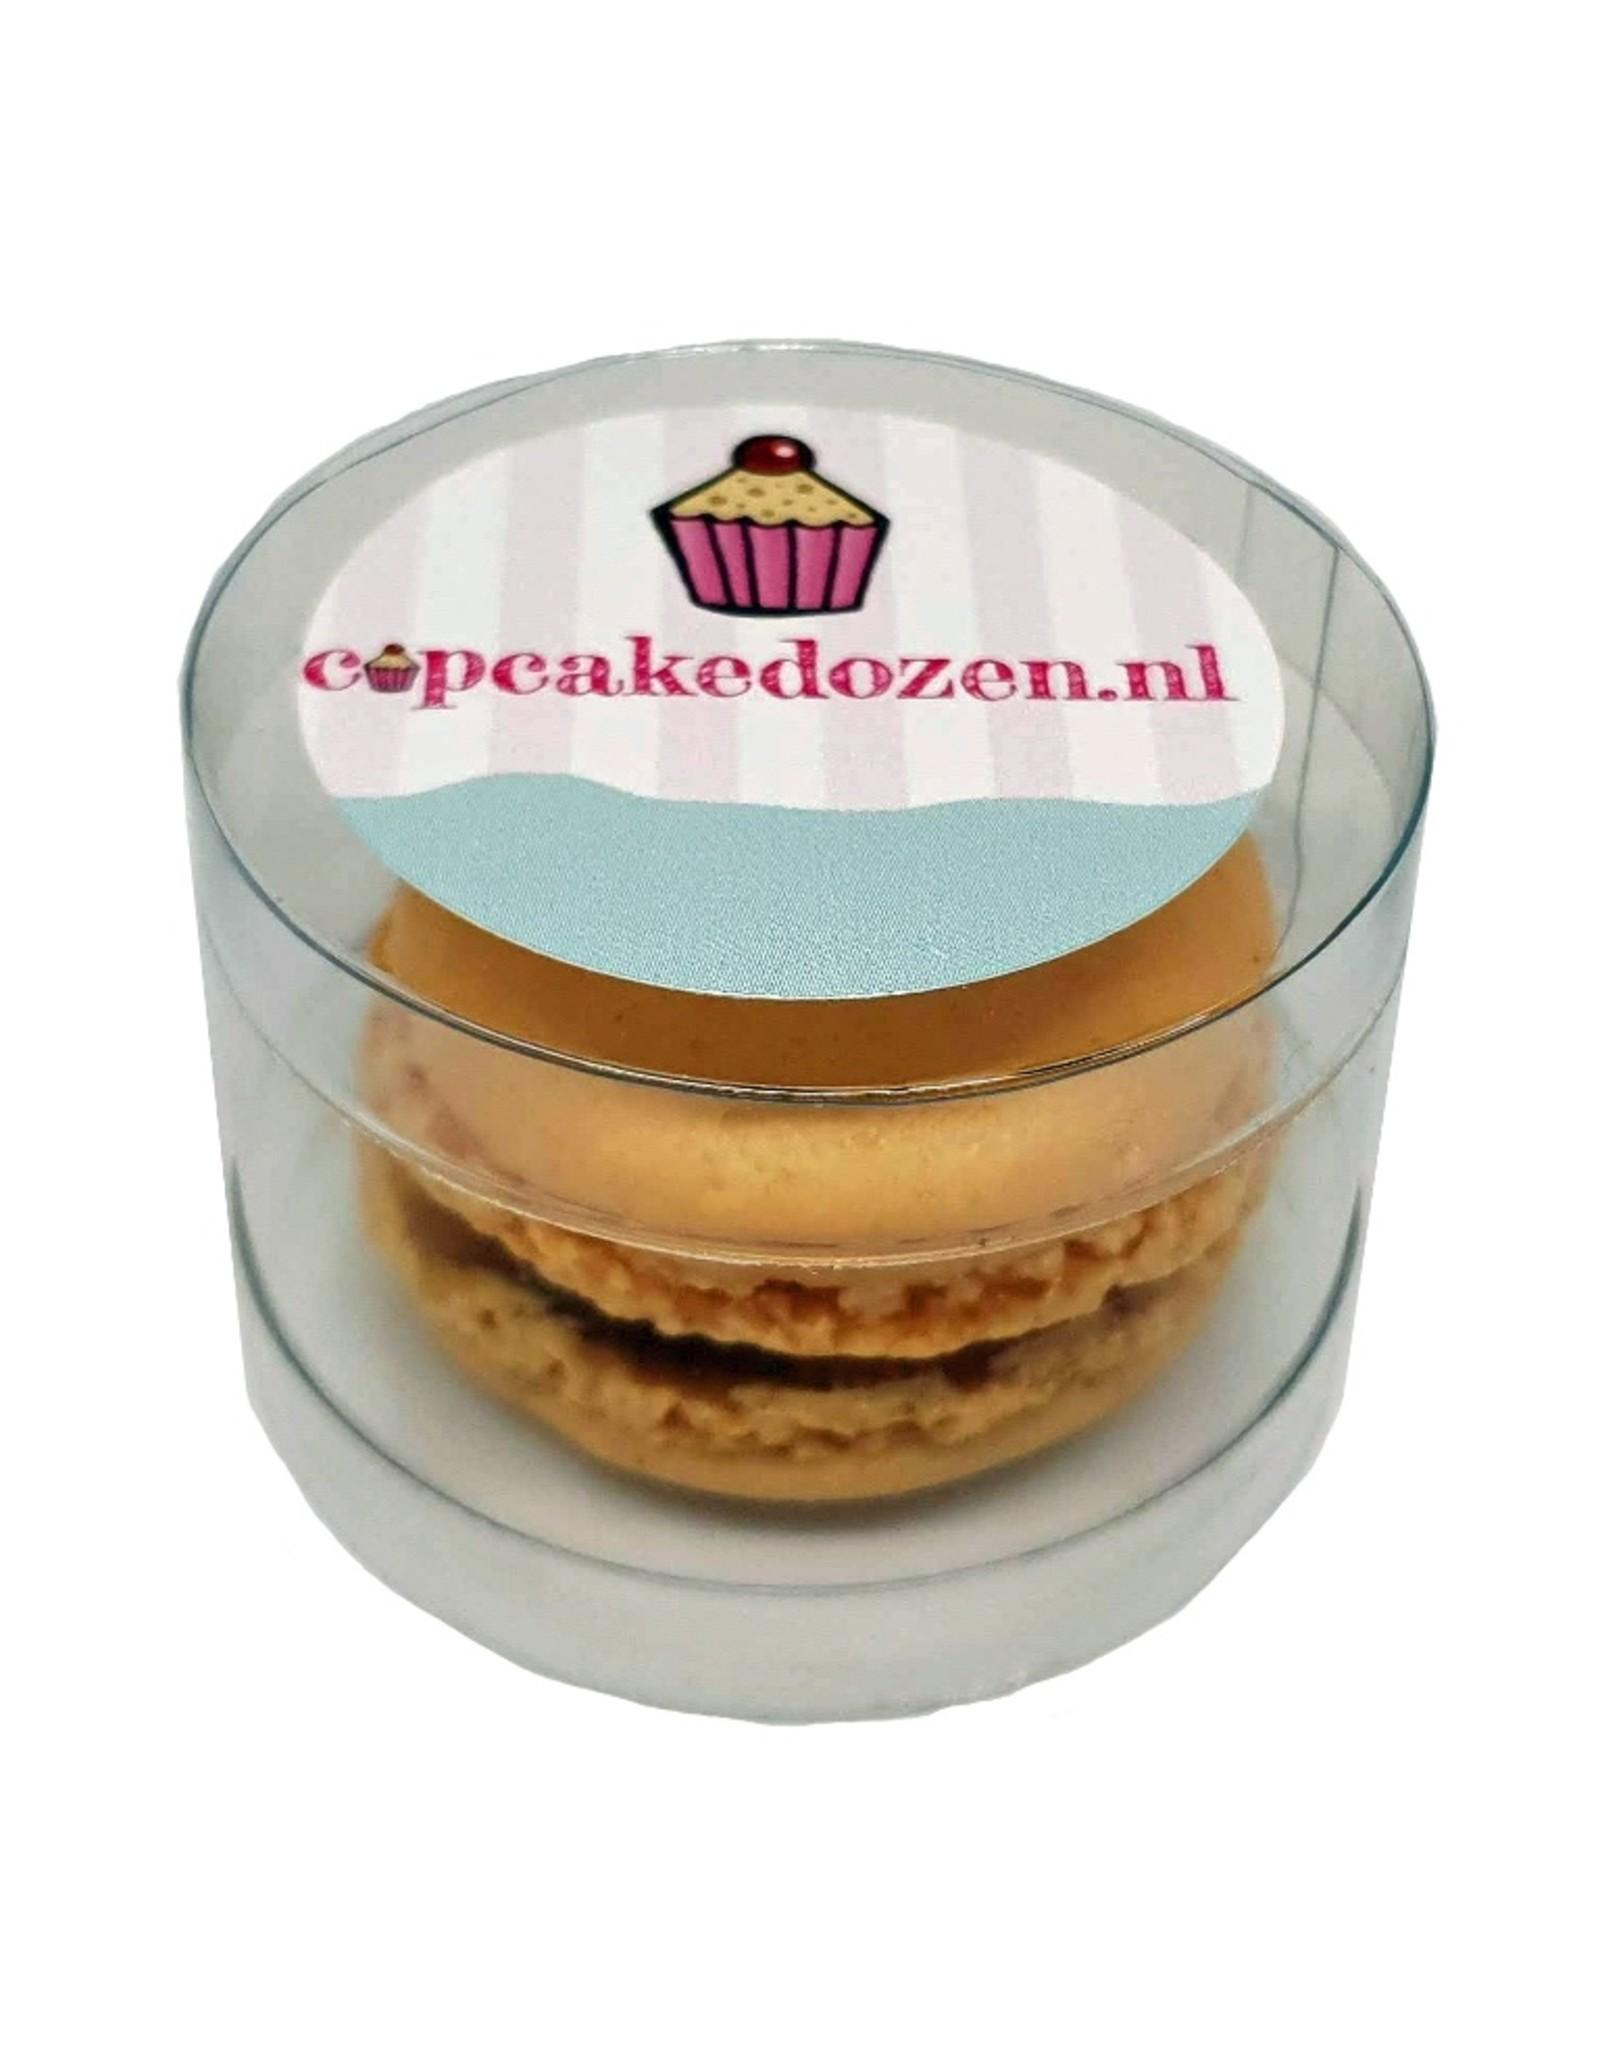 Koker voor 1 macaron (100 stuks)